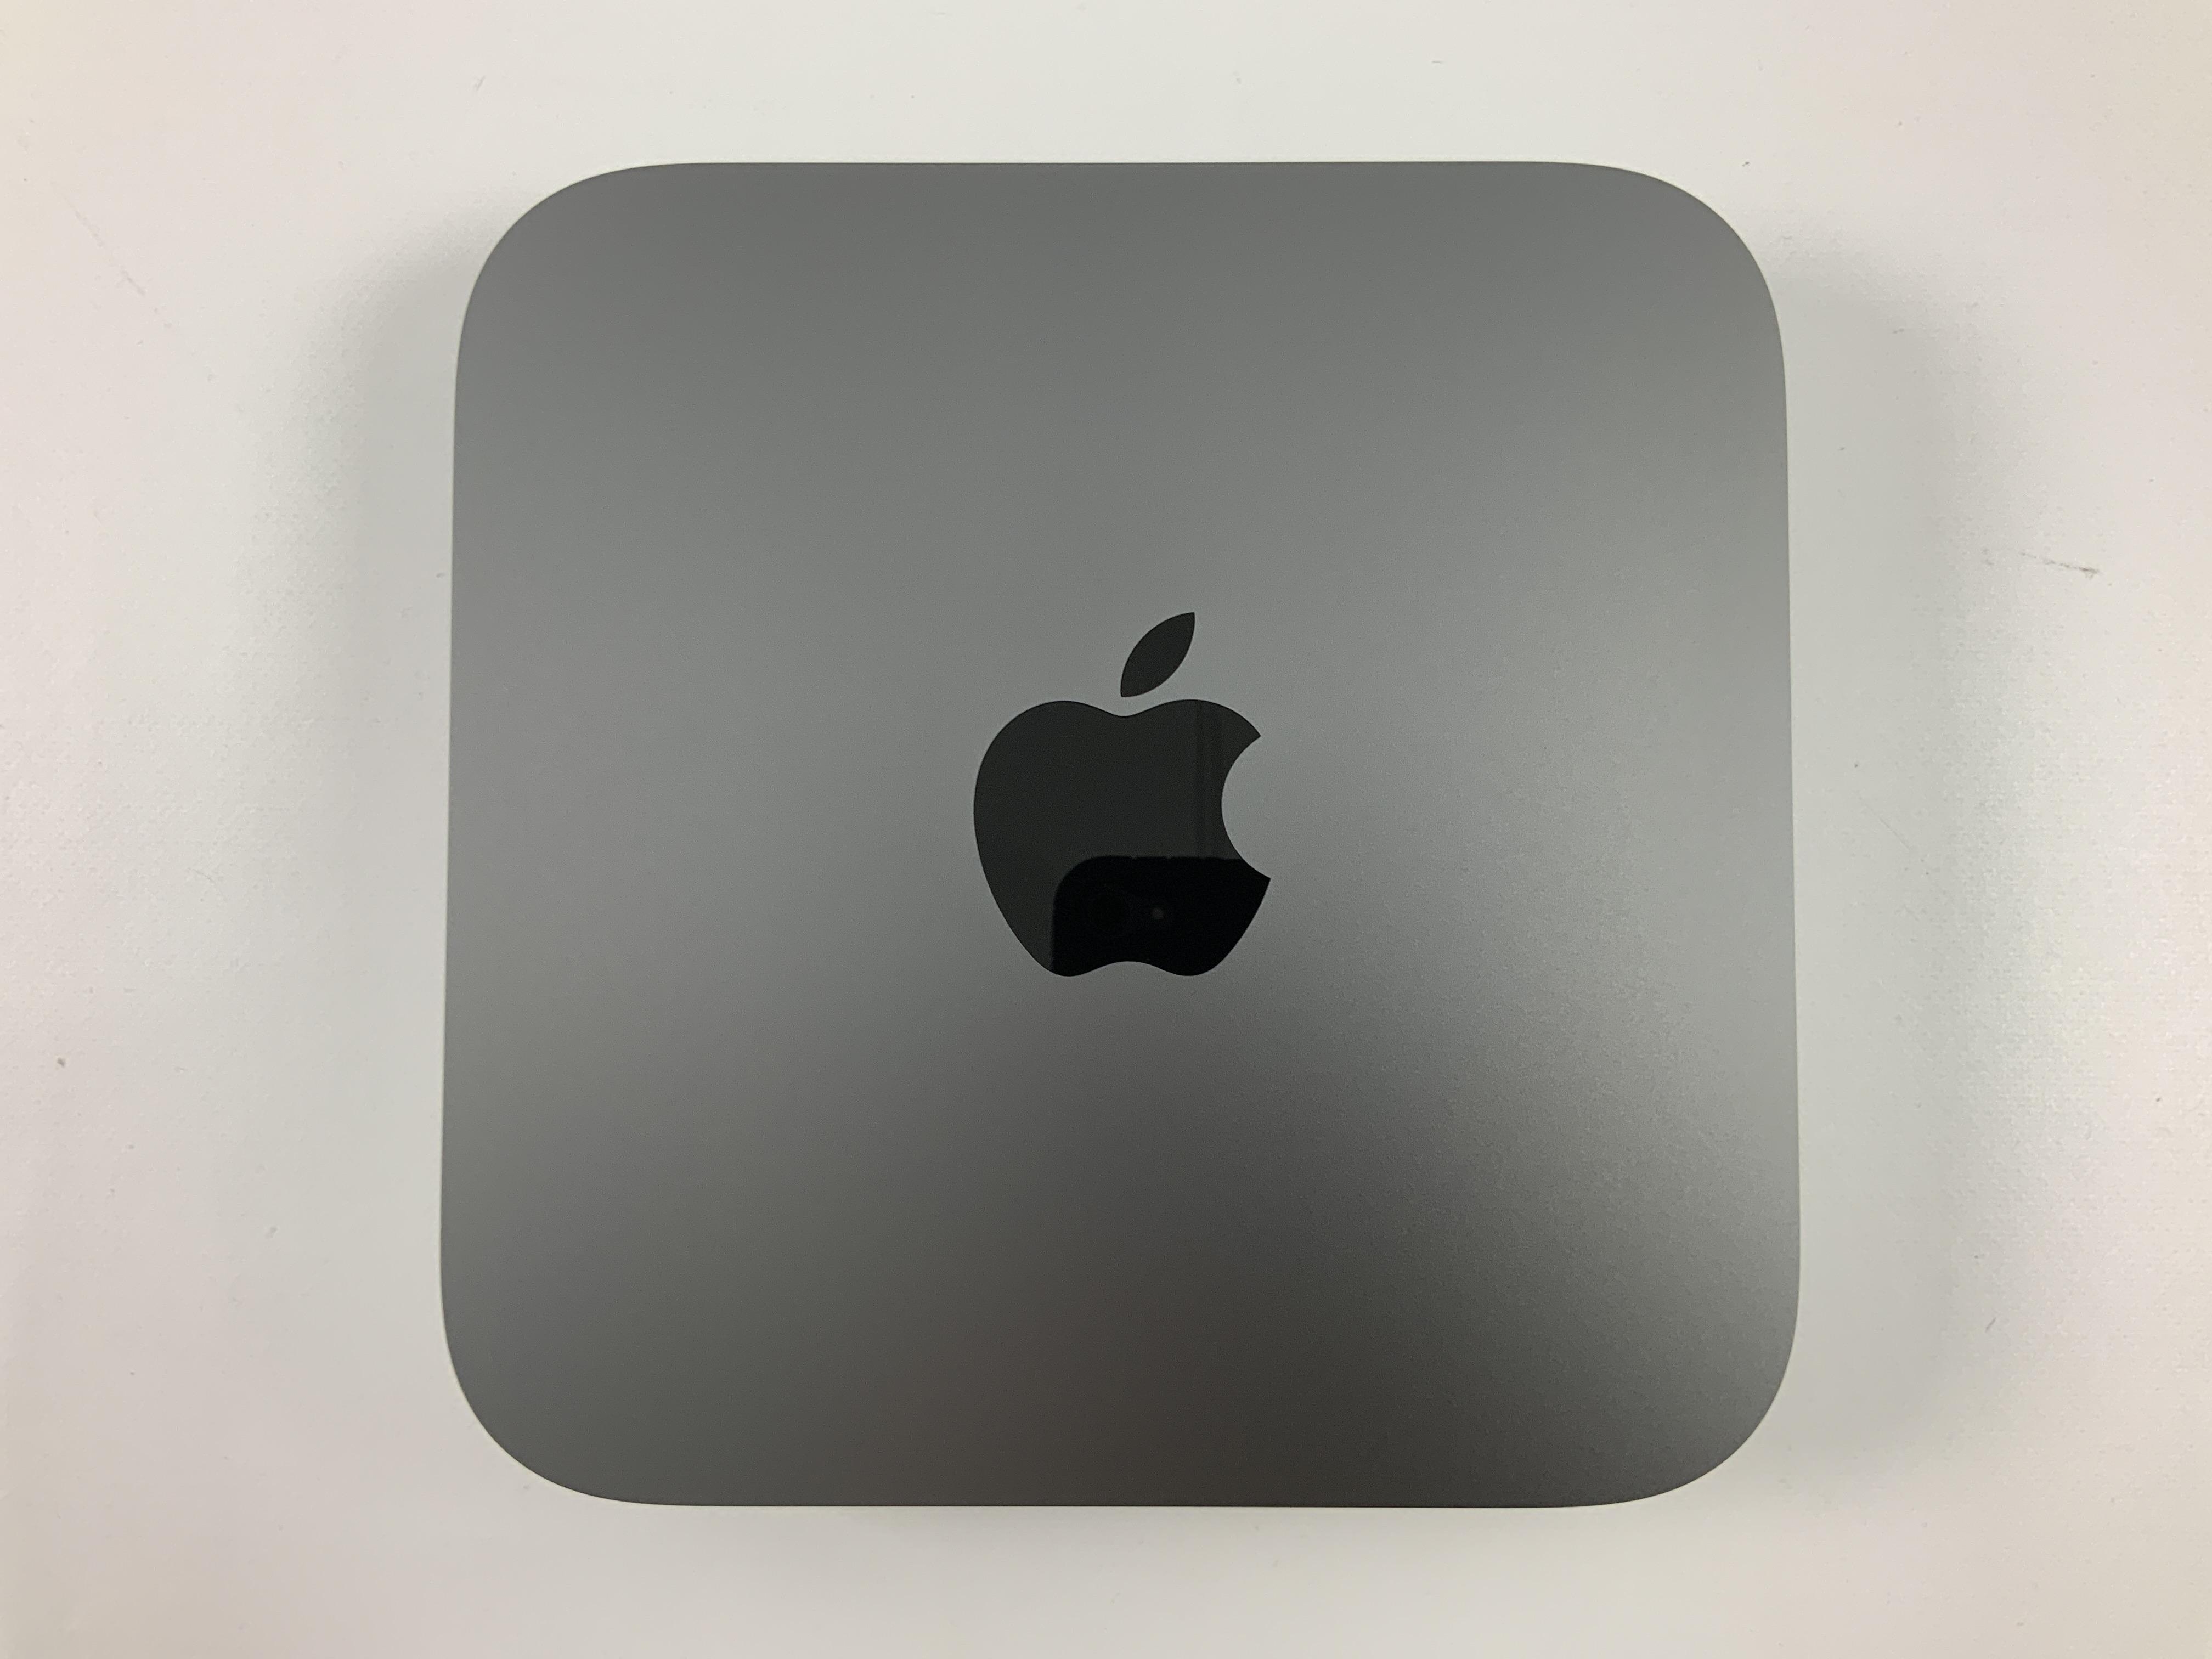 Mac Mini Late 2018 (Intel Quad-Core i3 3.6 GHz 32 GB RAM 256 GB SSD), Intel Quad-Core i3 3.6 GHz, 32 GB RAM, 256 GB SSD, bild 1